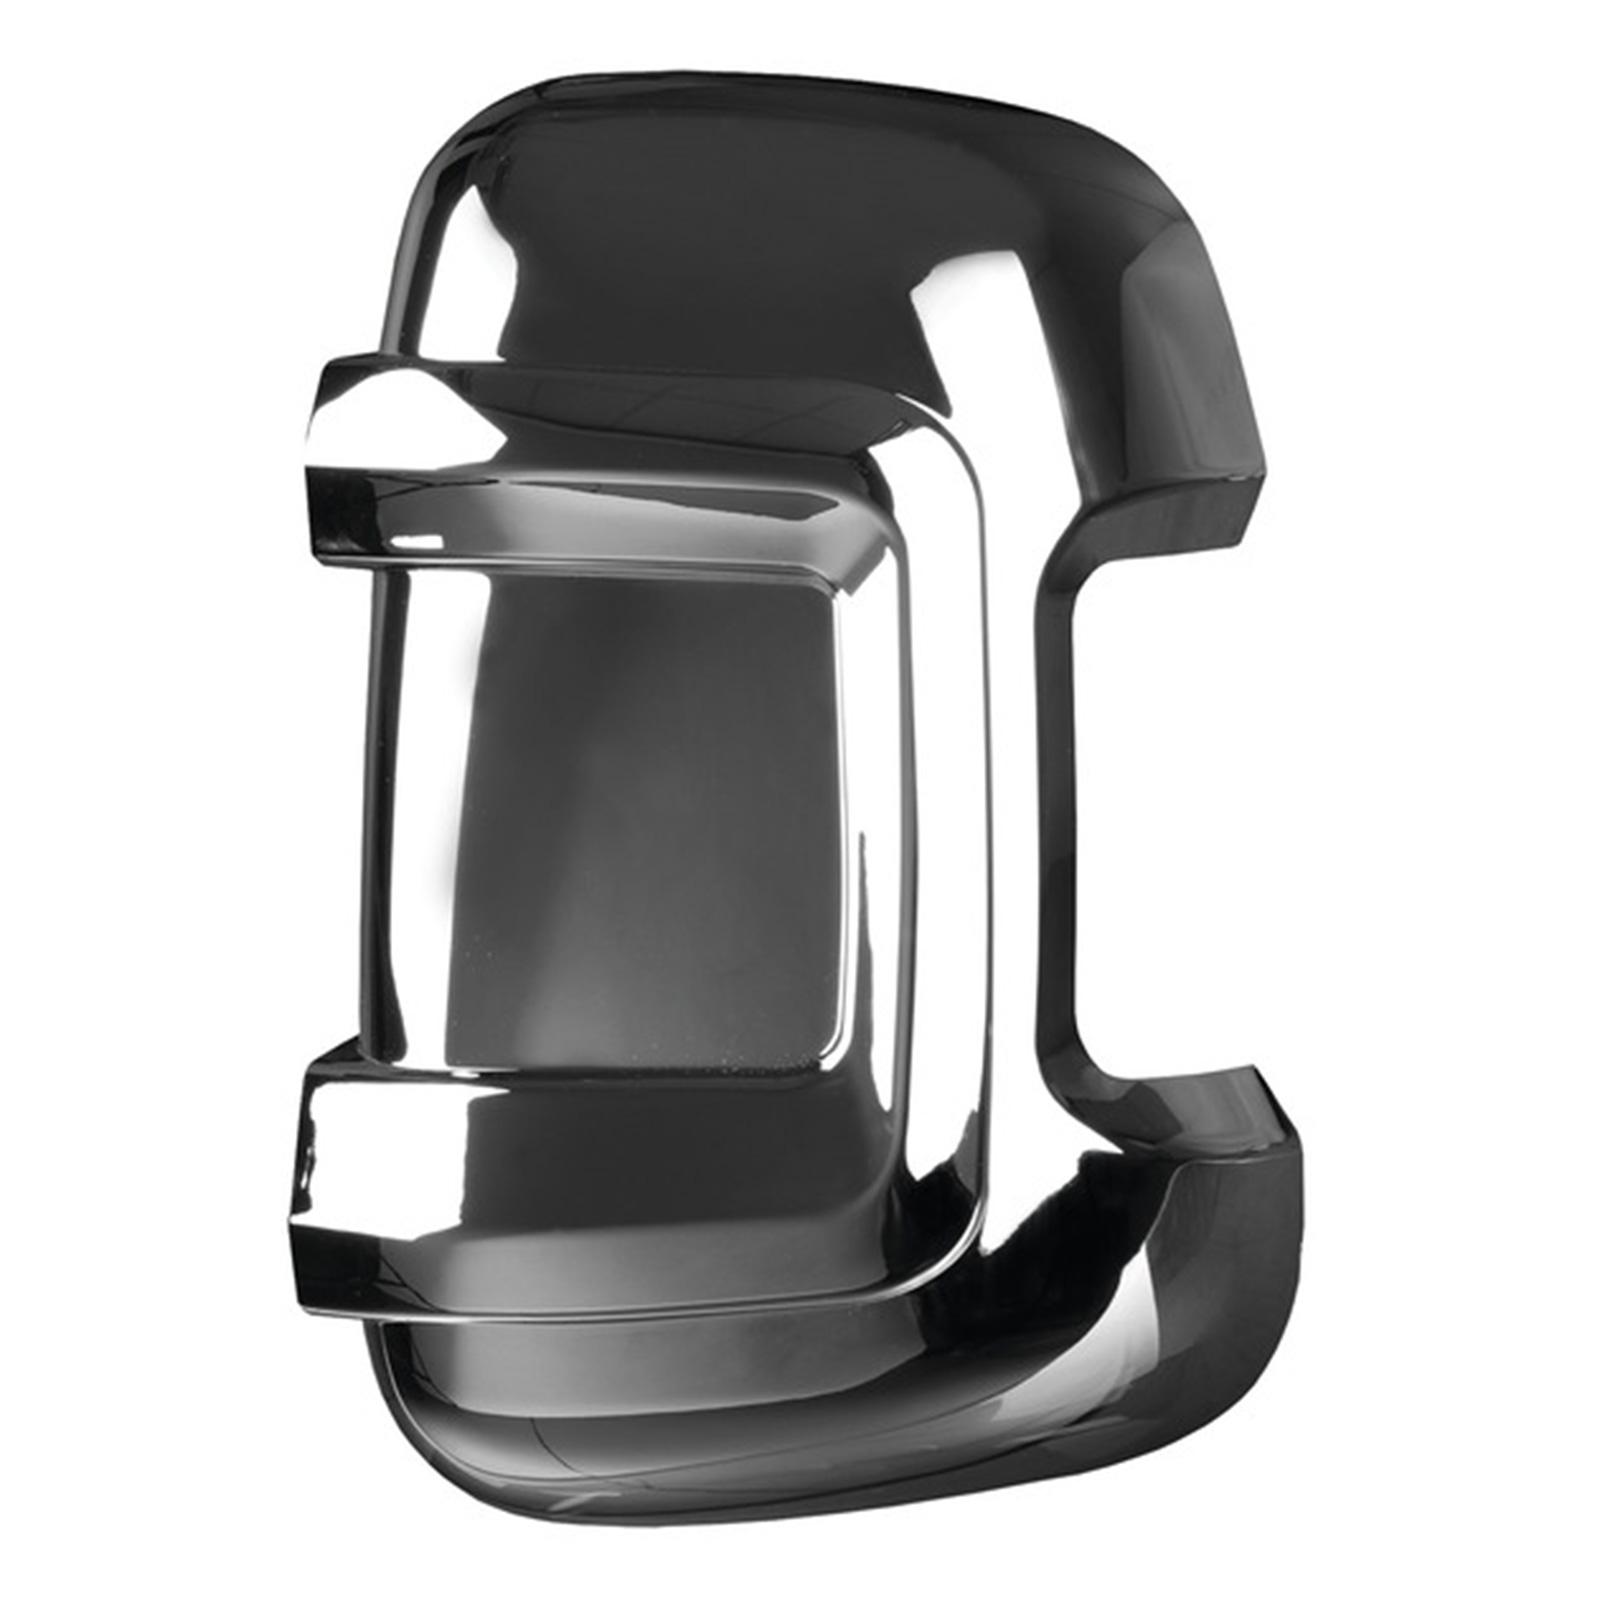 Carbest Spiegelprotektoren-Set hochglanz chrom/kurze Version Ducato Jumper